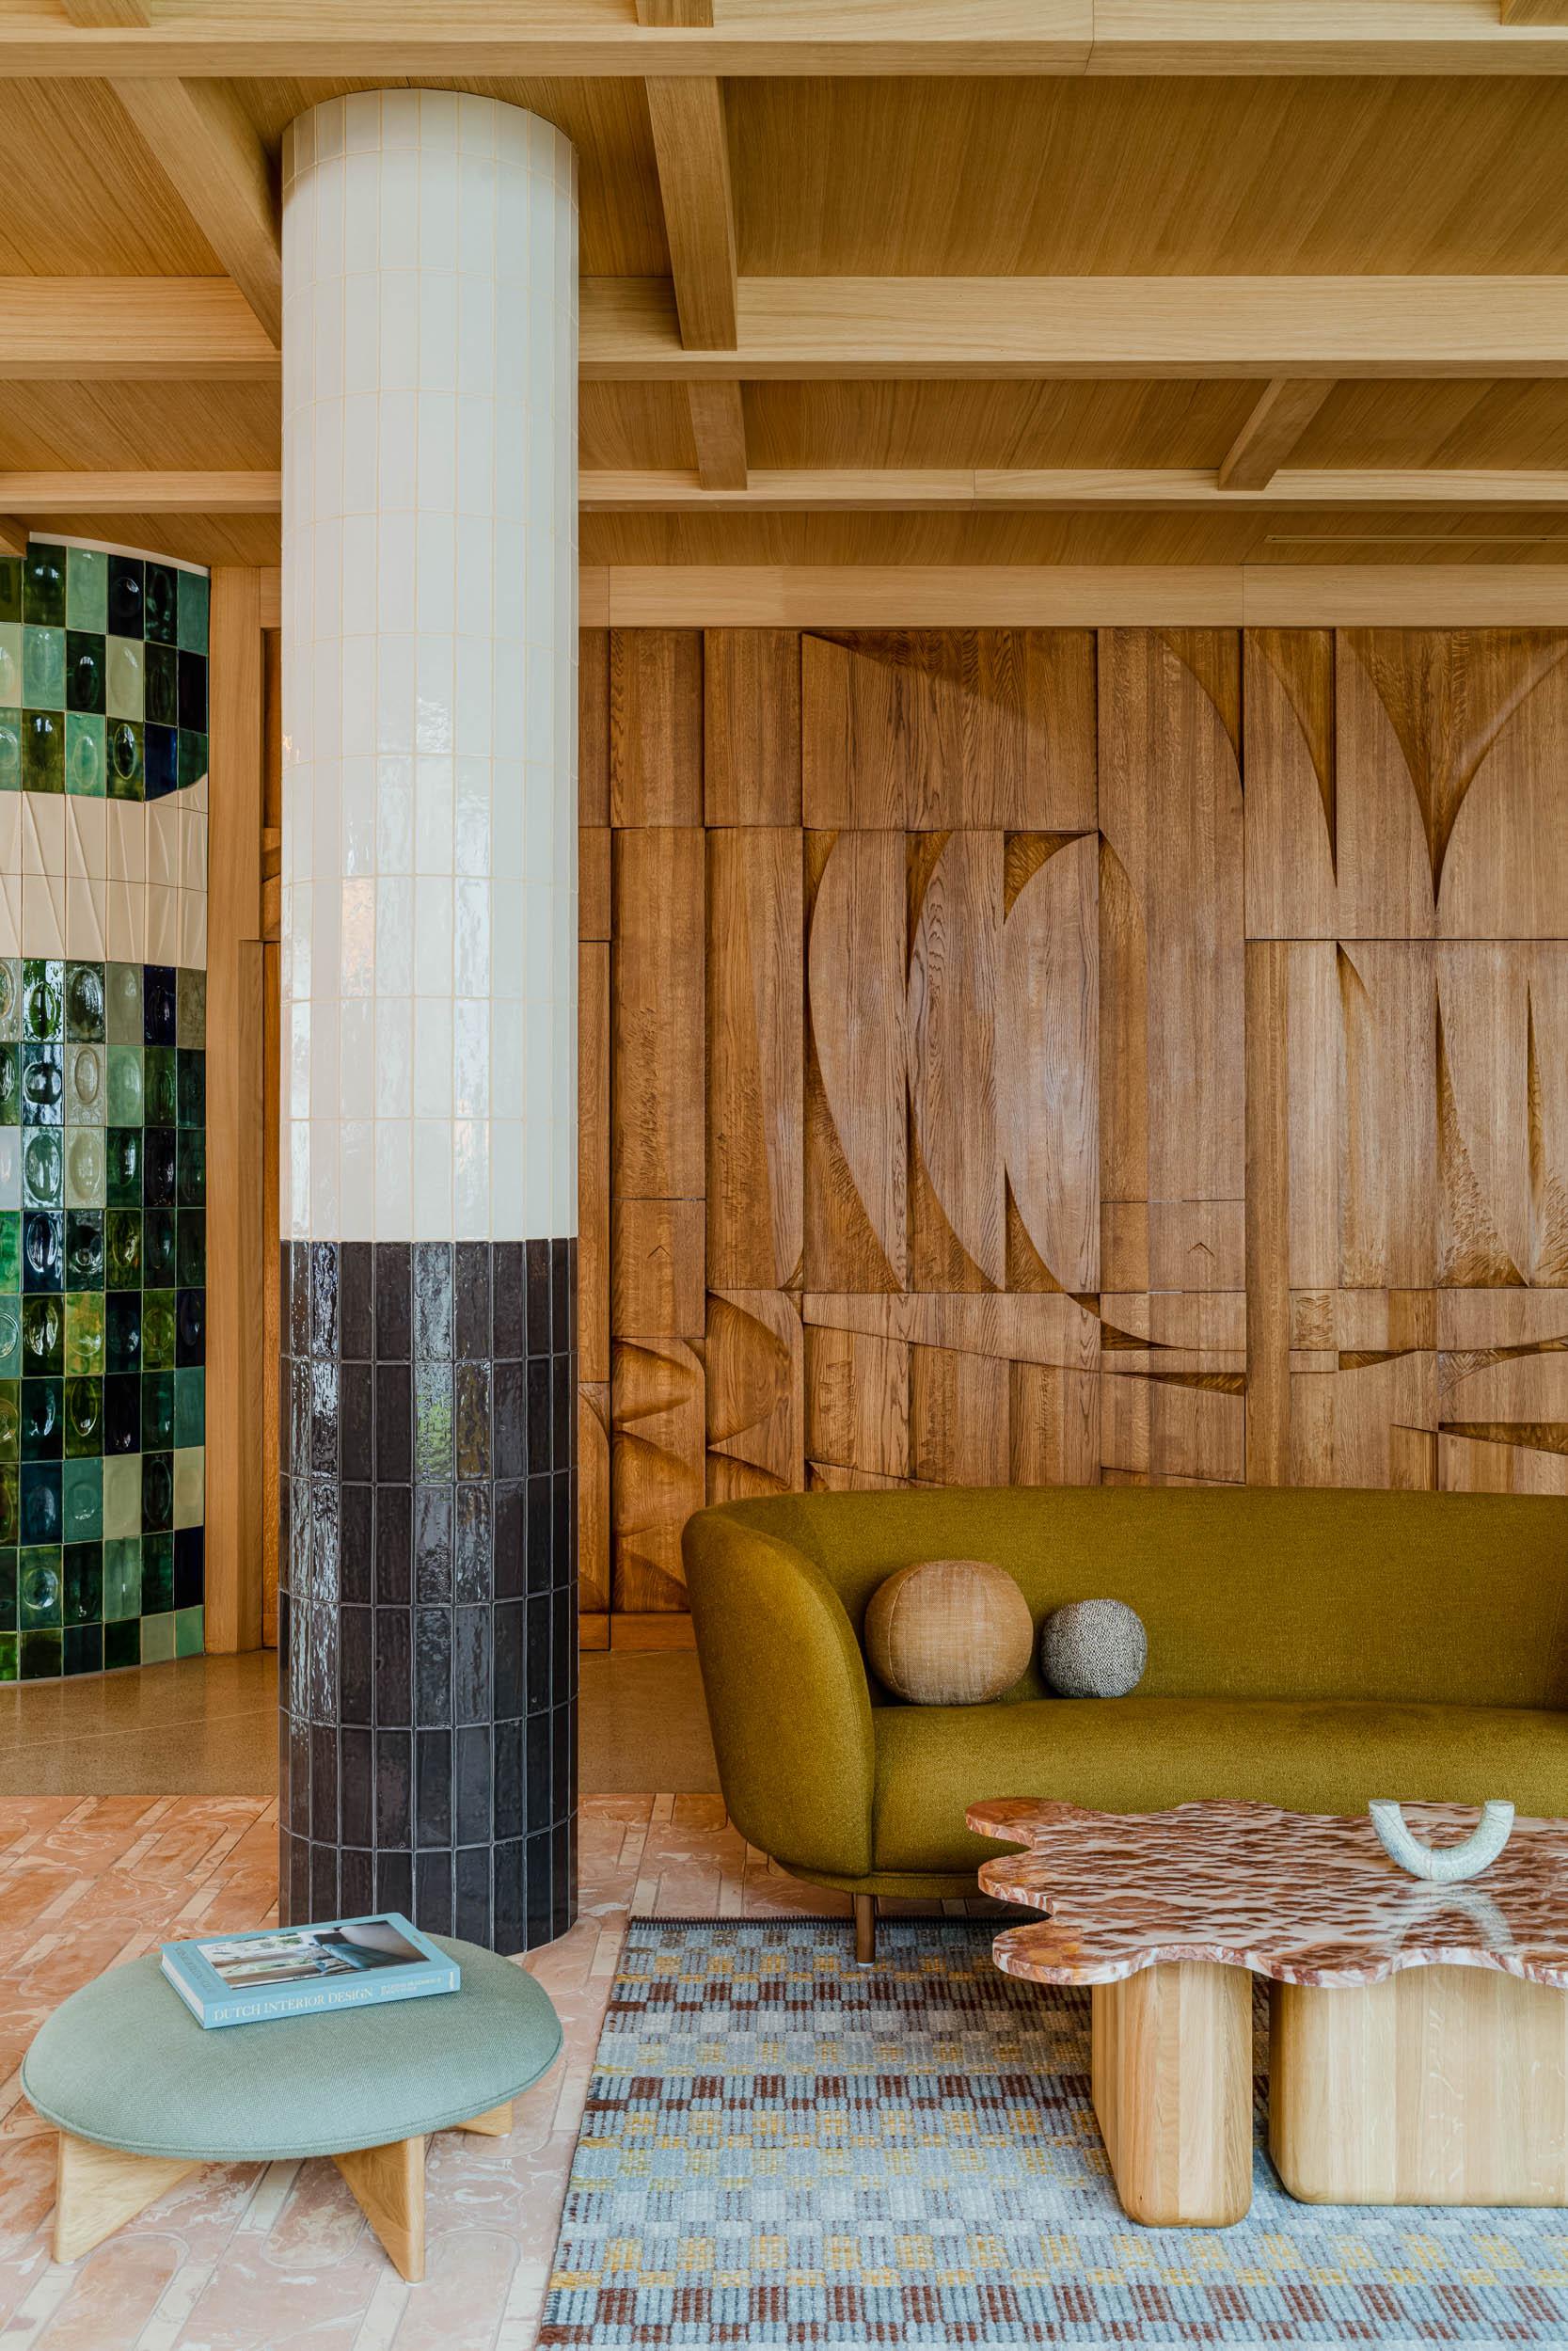 nowy_puro_hotel_krakow_old_town_paradowski_foto_pion_designalive-17